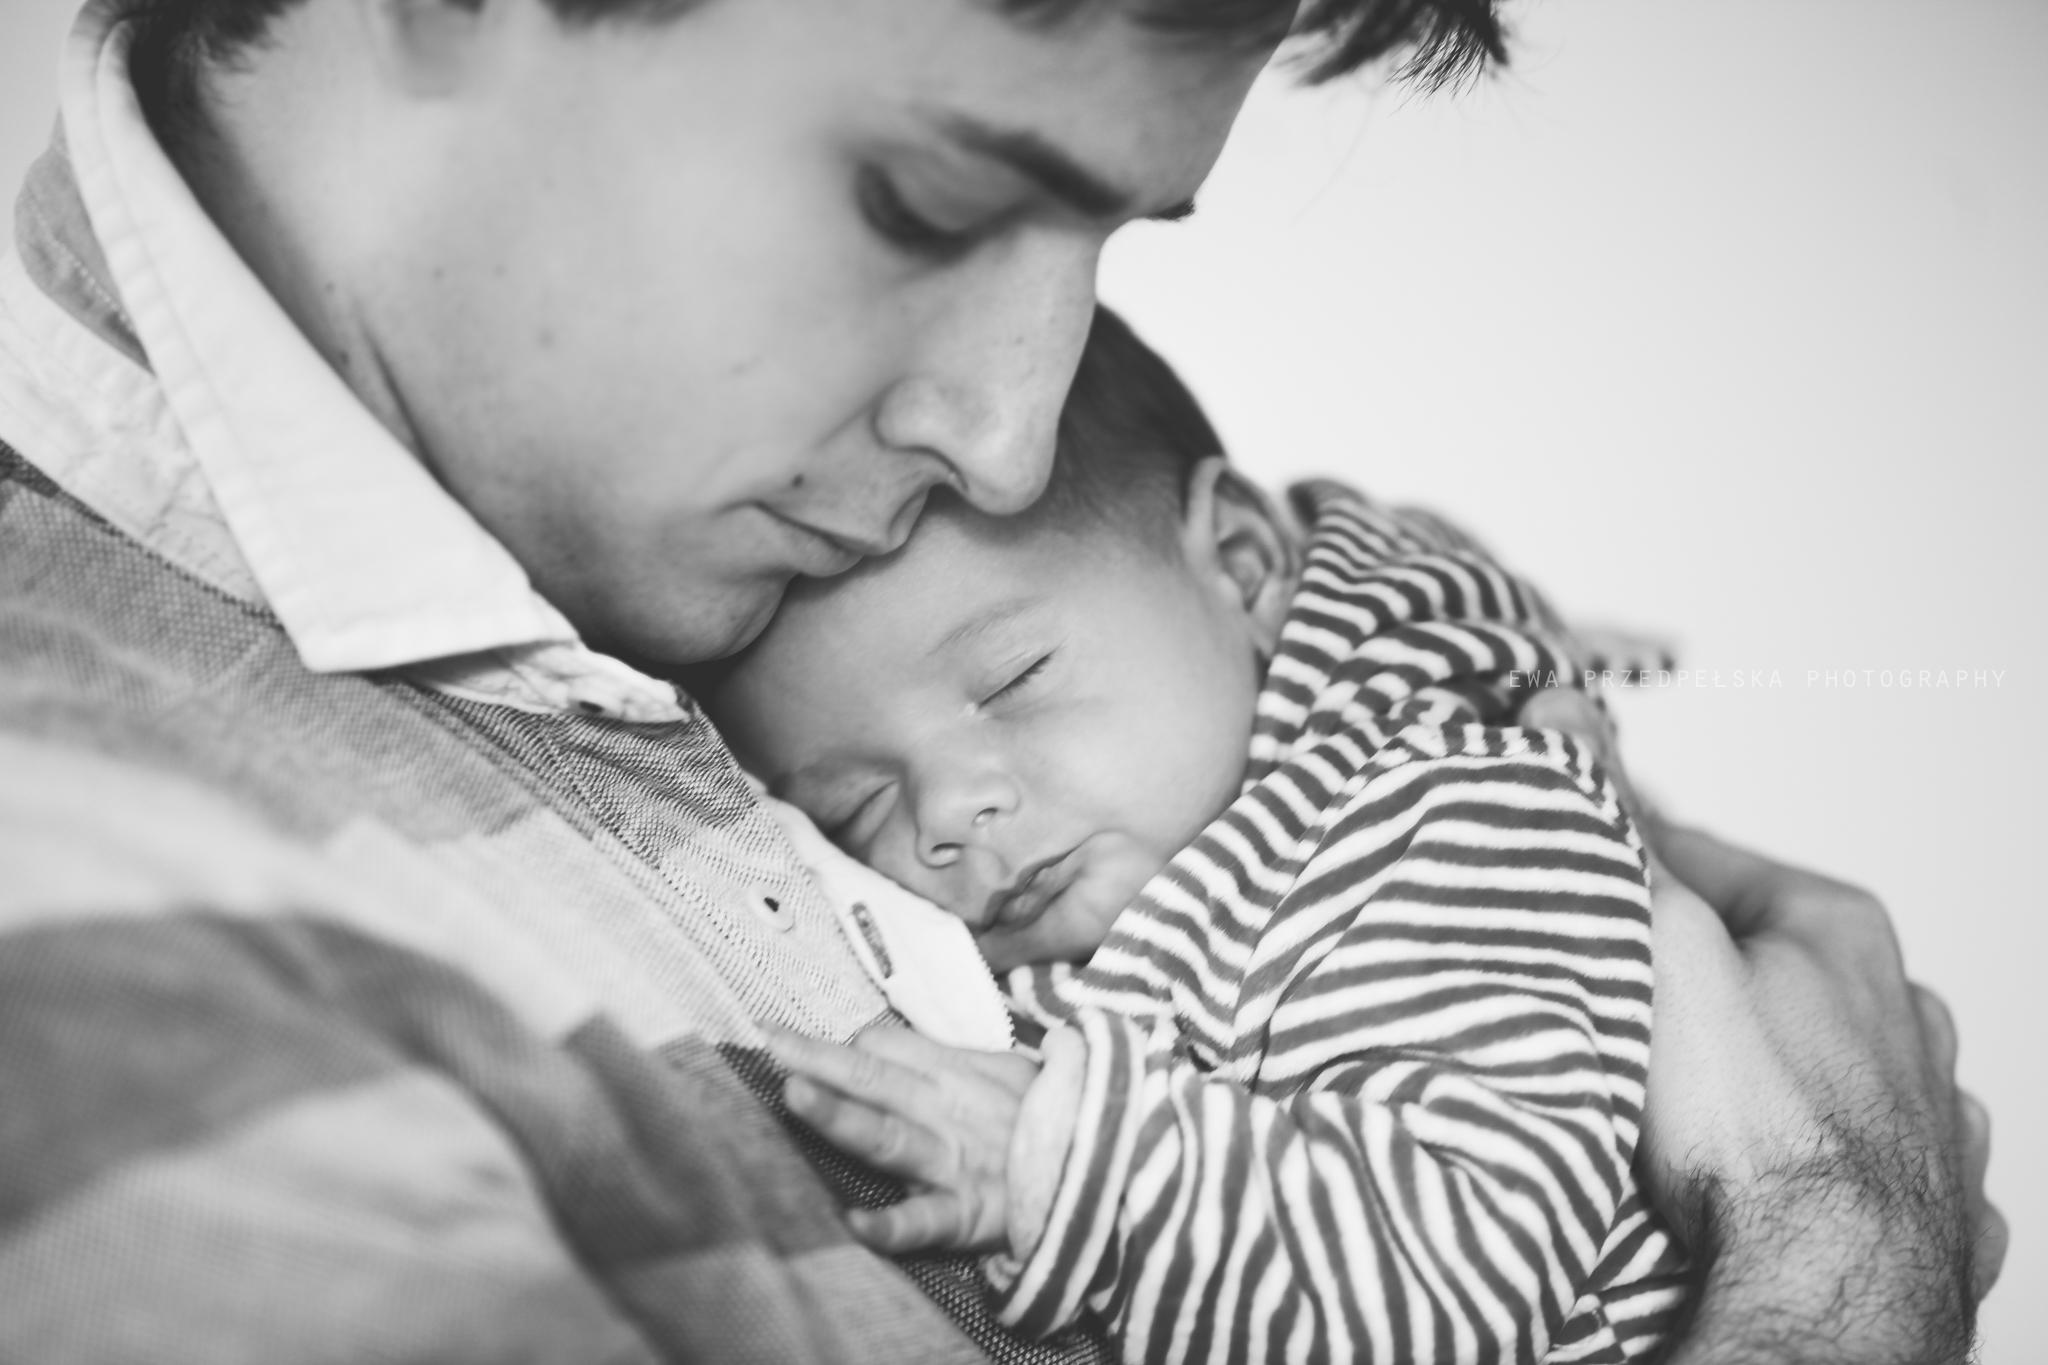 sesja noworodkowa warszawa, fotografia rodzinna warszawa, fotografia rodzinna warszawa, fąfel, ewa przedpełska